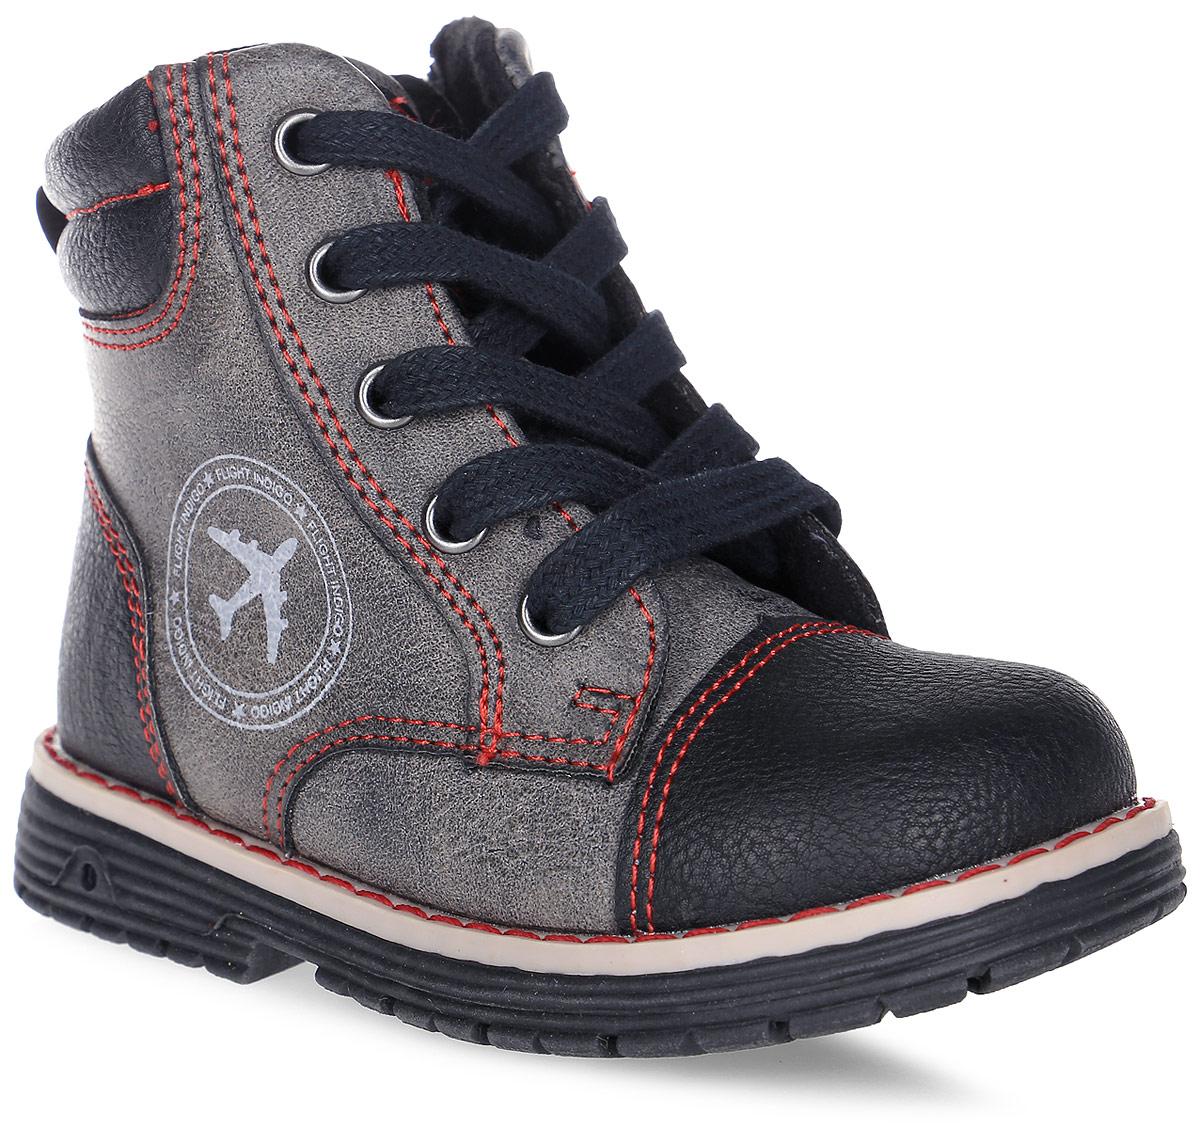 Ботинки для мальчика Indigo Kids, цвет: черный. 51-247A/12. Размер 2151-247A/12Очаровательные детские ботинки от Indigo Kids заинтересуют вашего модника с первого взгляда. Модель выполнена из искусственной кожи. Внутренняя поверхность и стелька выполненные из байки, предотвращают натирание и гарантируют комфорт. Подъем дополнен классической шнуровкой, которая обеспечивает плотное прилегание модели к стопе и регулирует объем. Ботинки застегиваются на застежку-молнию, расположенную на одной из боковых сторон. Подошваоснащена рифлением для лучшей сцепки с поверхностью.